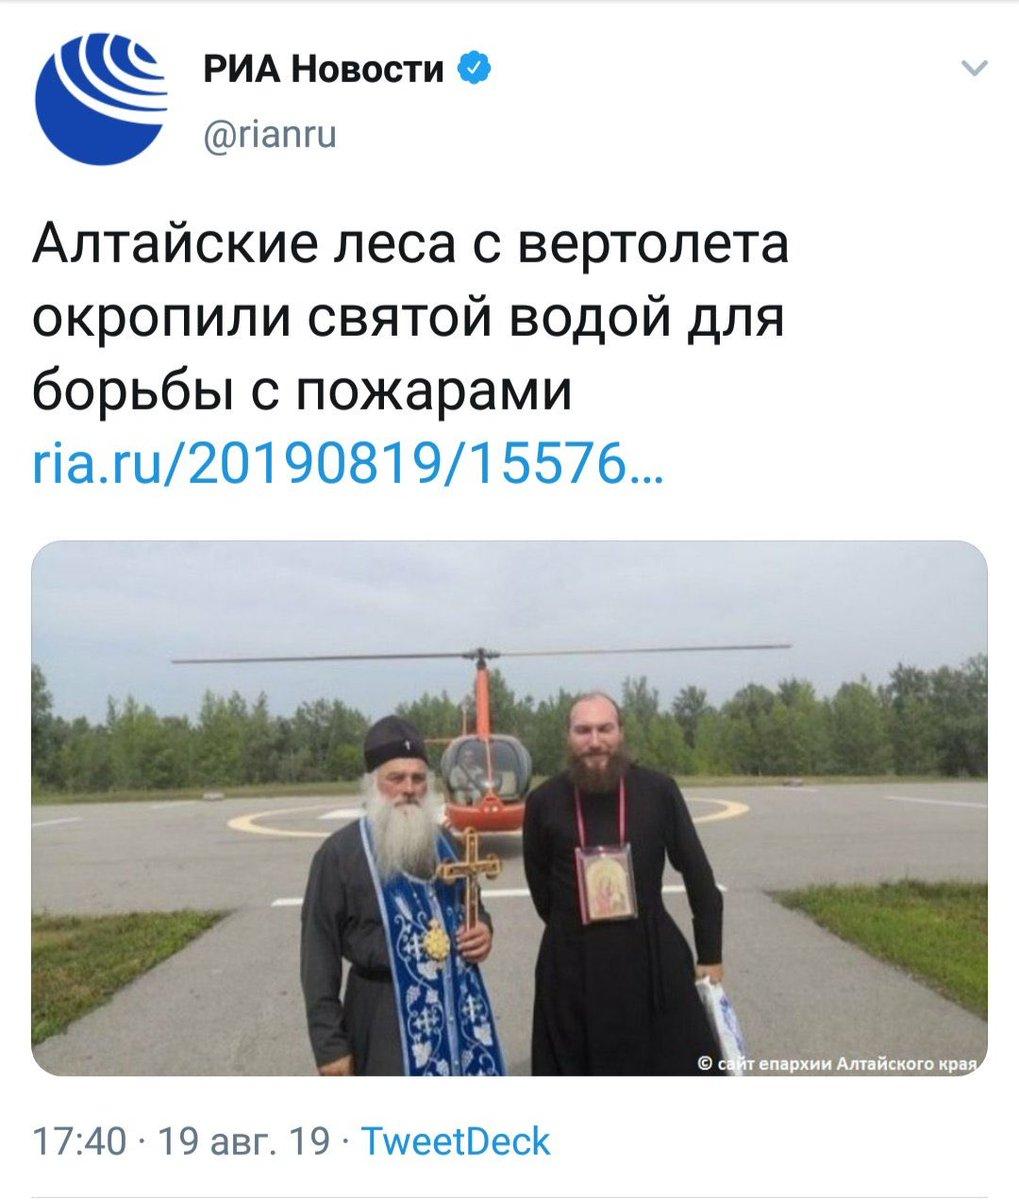 Превентивні заходи вживаються, щоб не було несподіванок, - Путін про вибух ракетного ядерного двигуна під Архангельськом - Цензор.НЕТ 1597